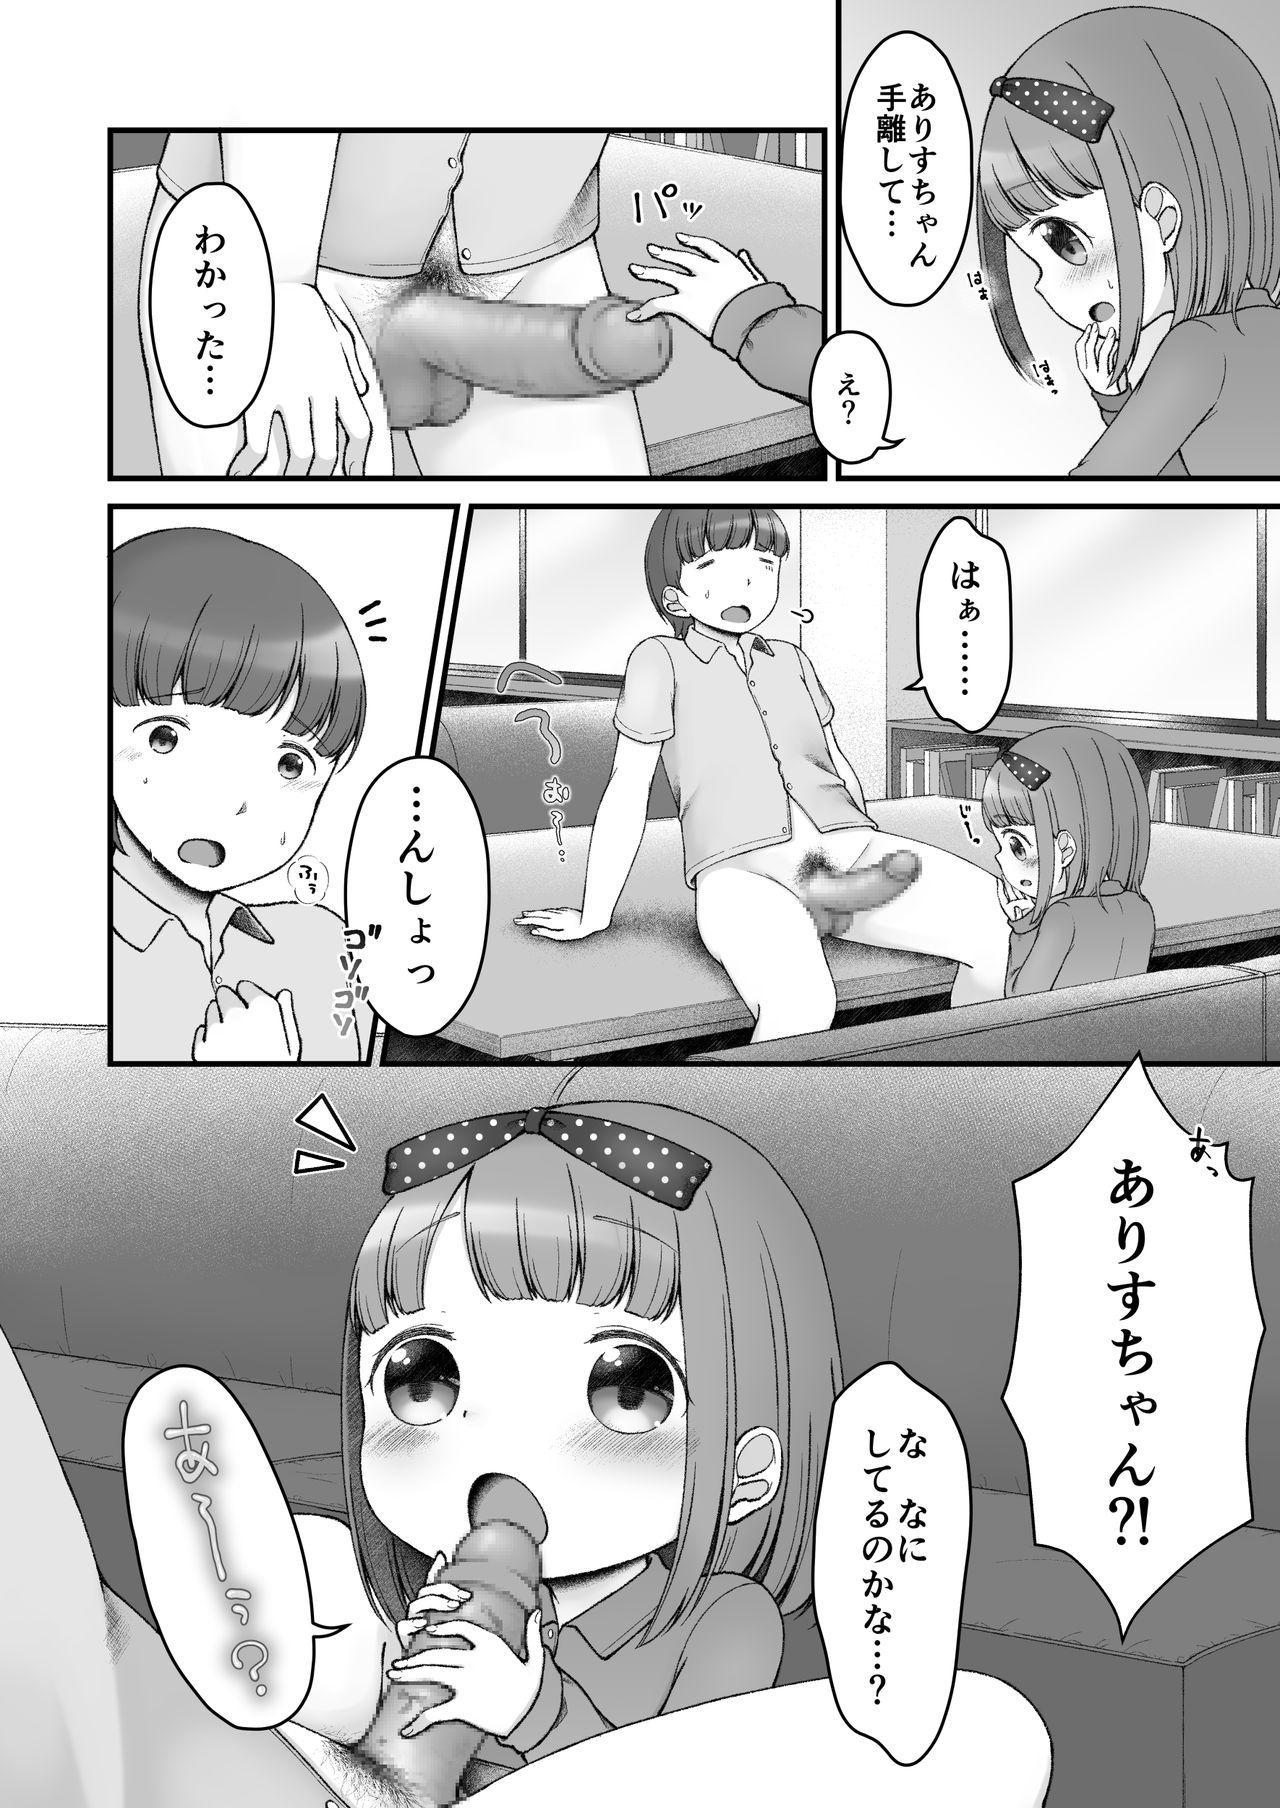 Ehon no Kuni no Arisu 9